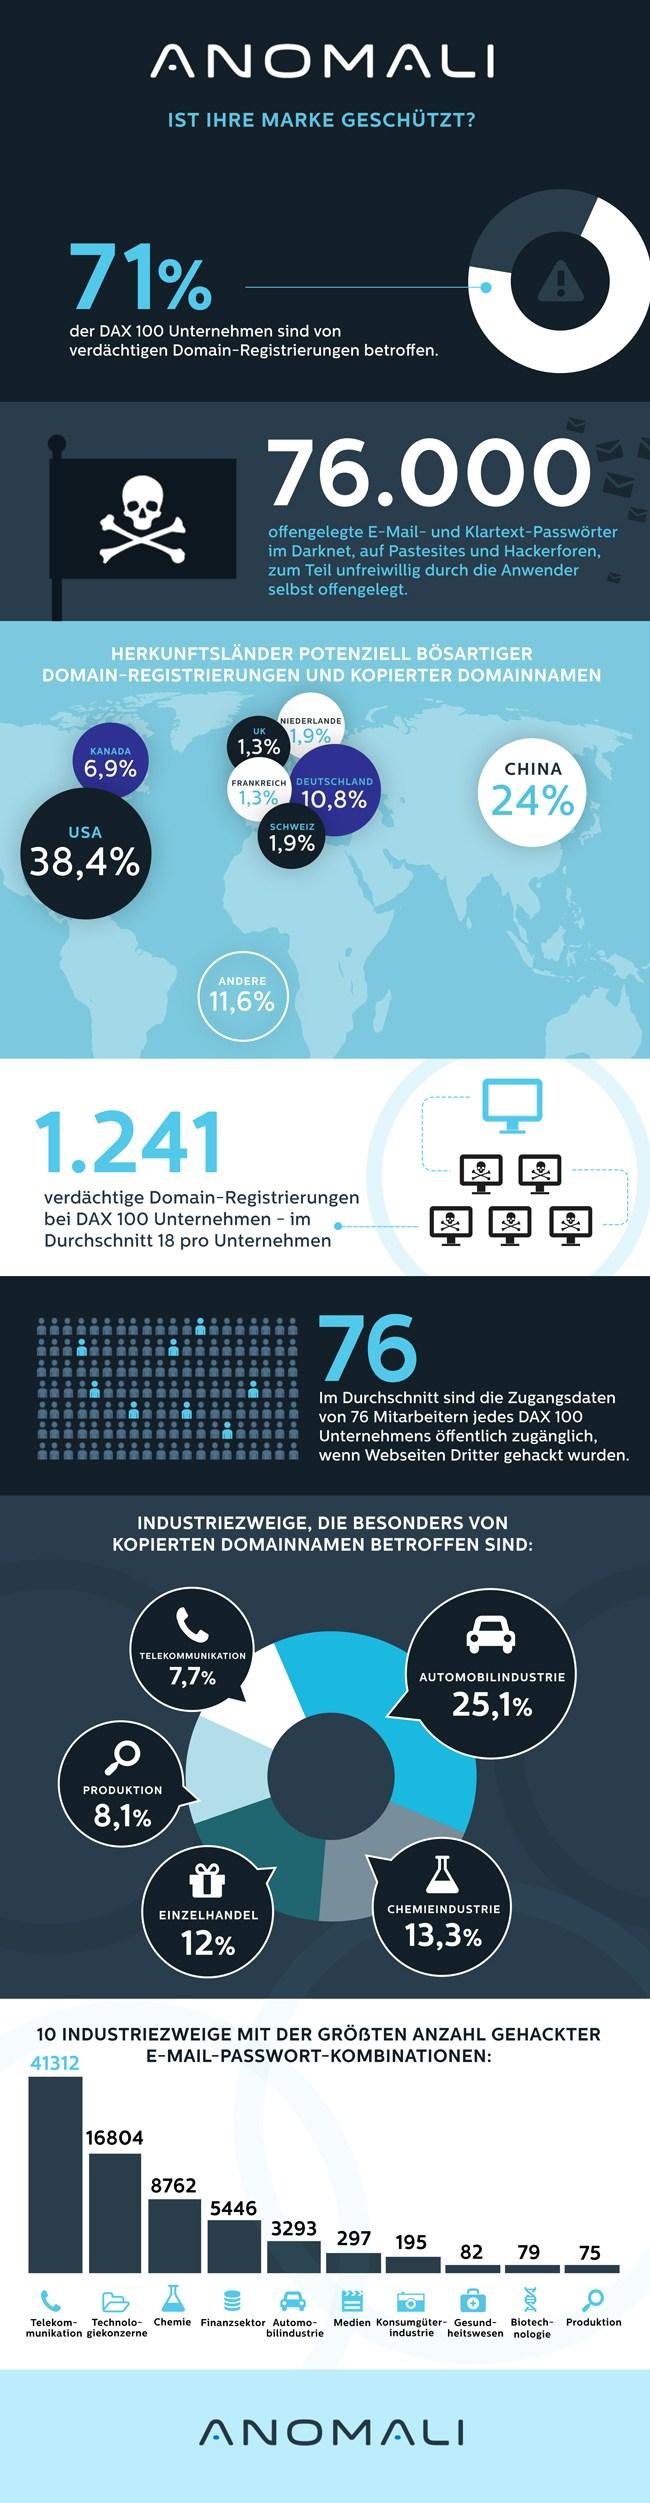 infografik-anomali-dax100_report